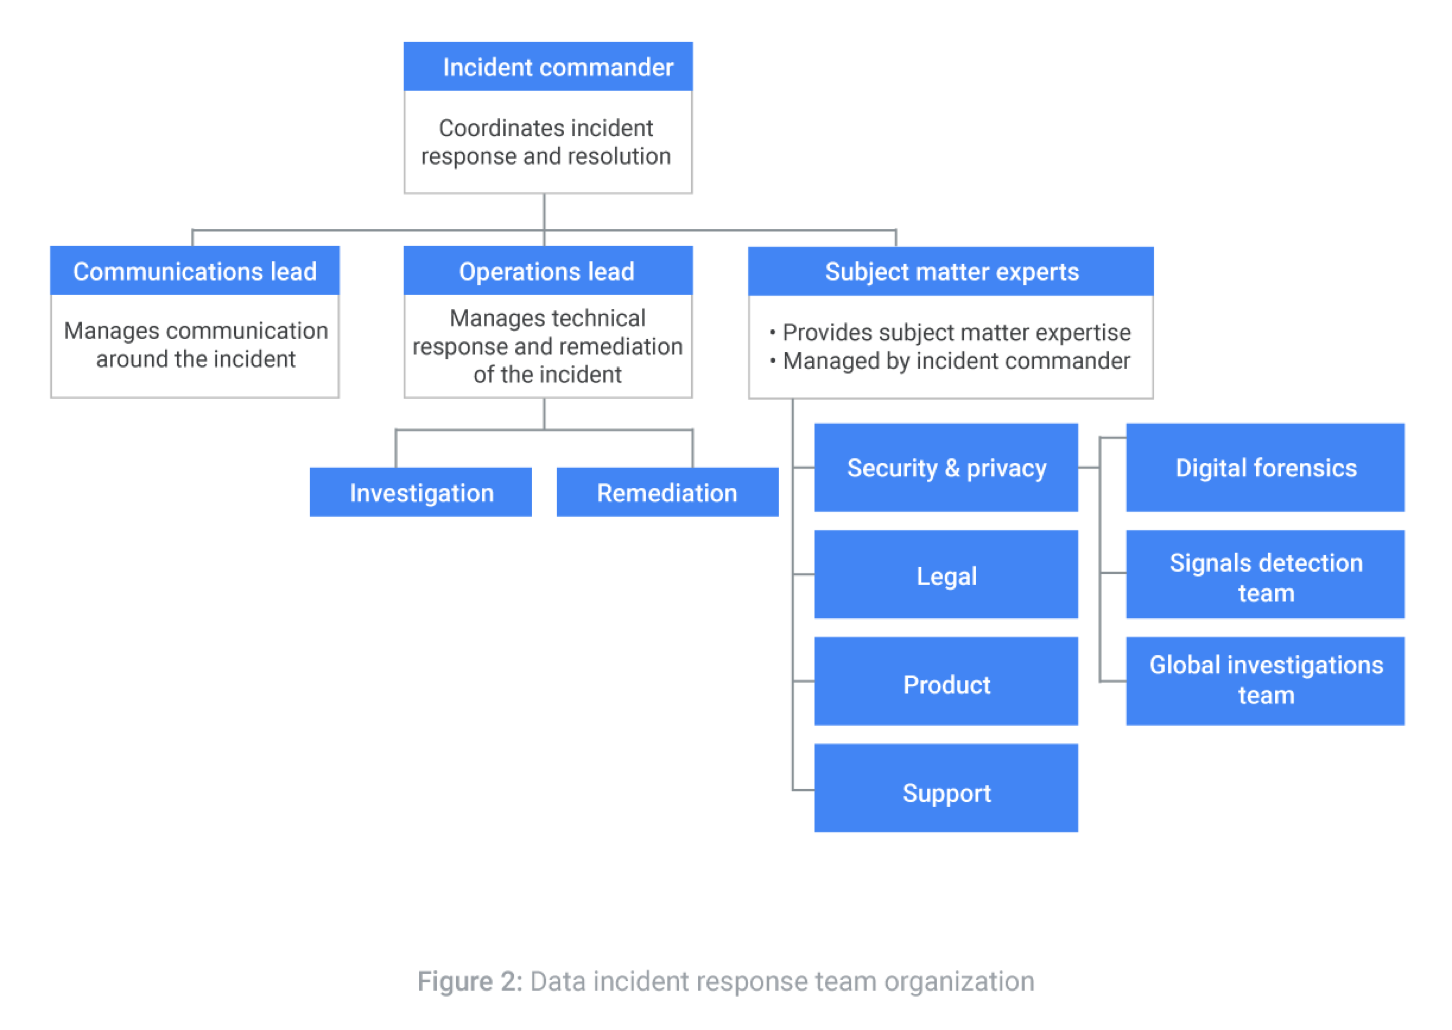 Organização da equipe de resposta a incidentes de dados